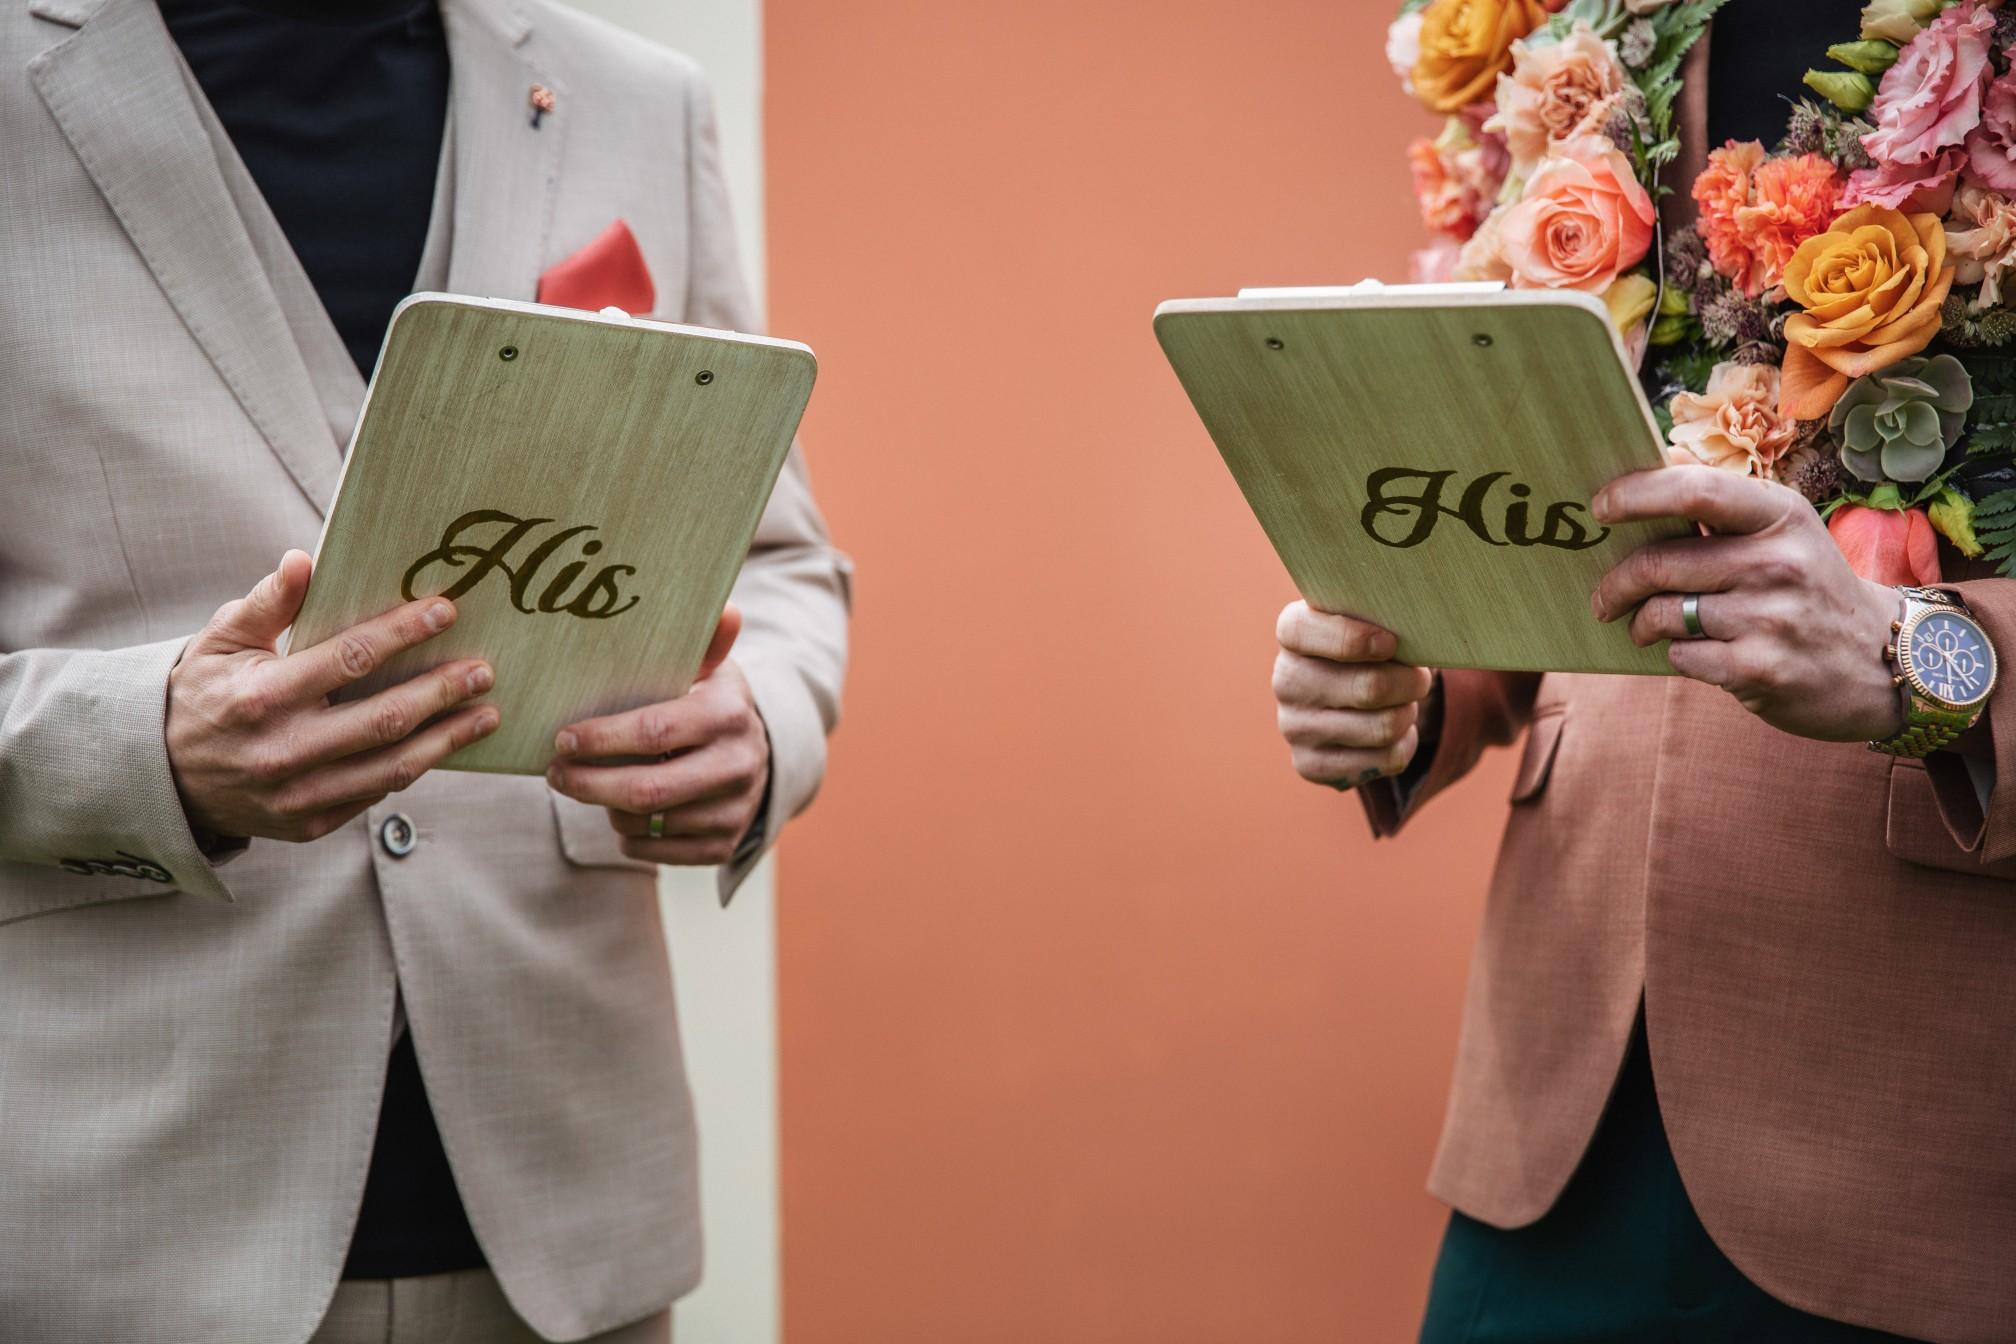 his & his vows - vow books - celebrant wedding ceremony